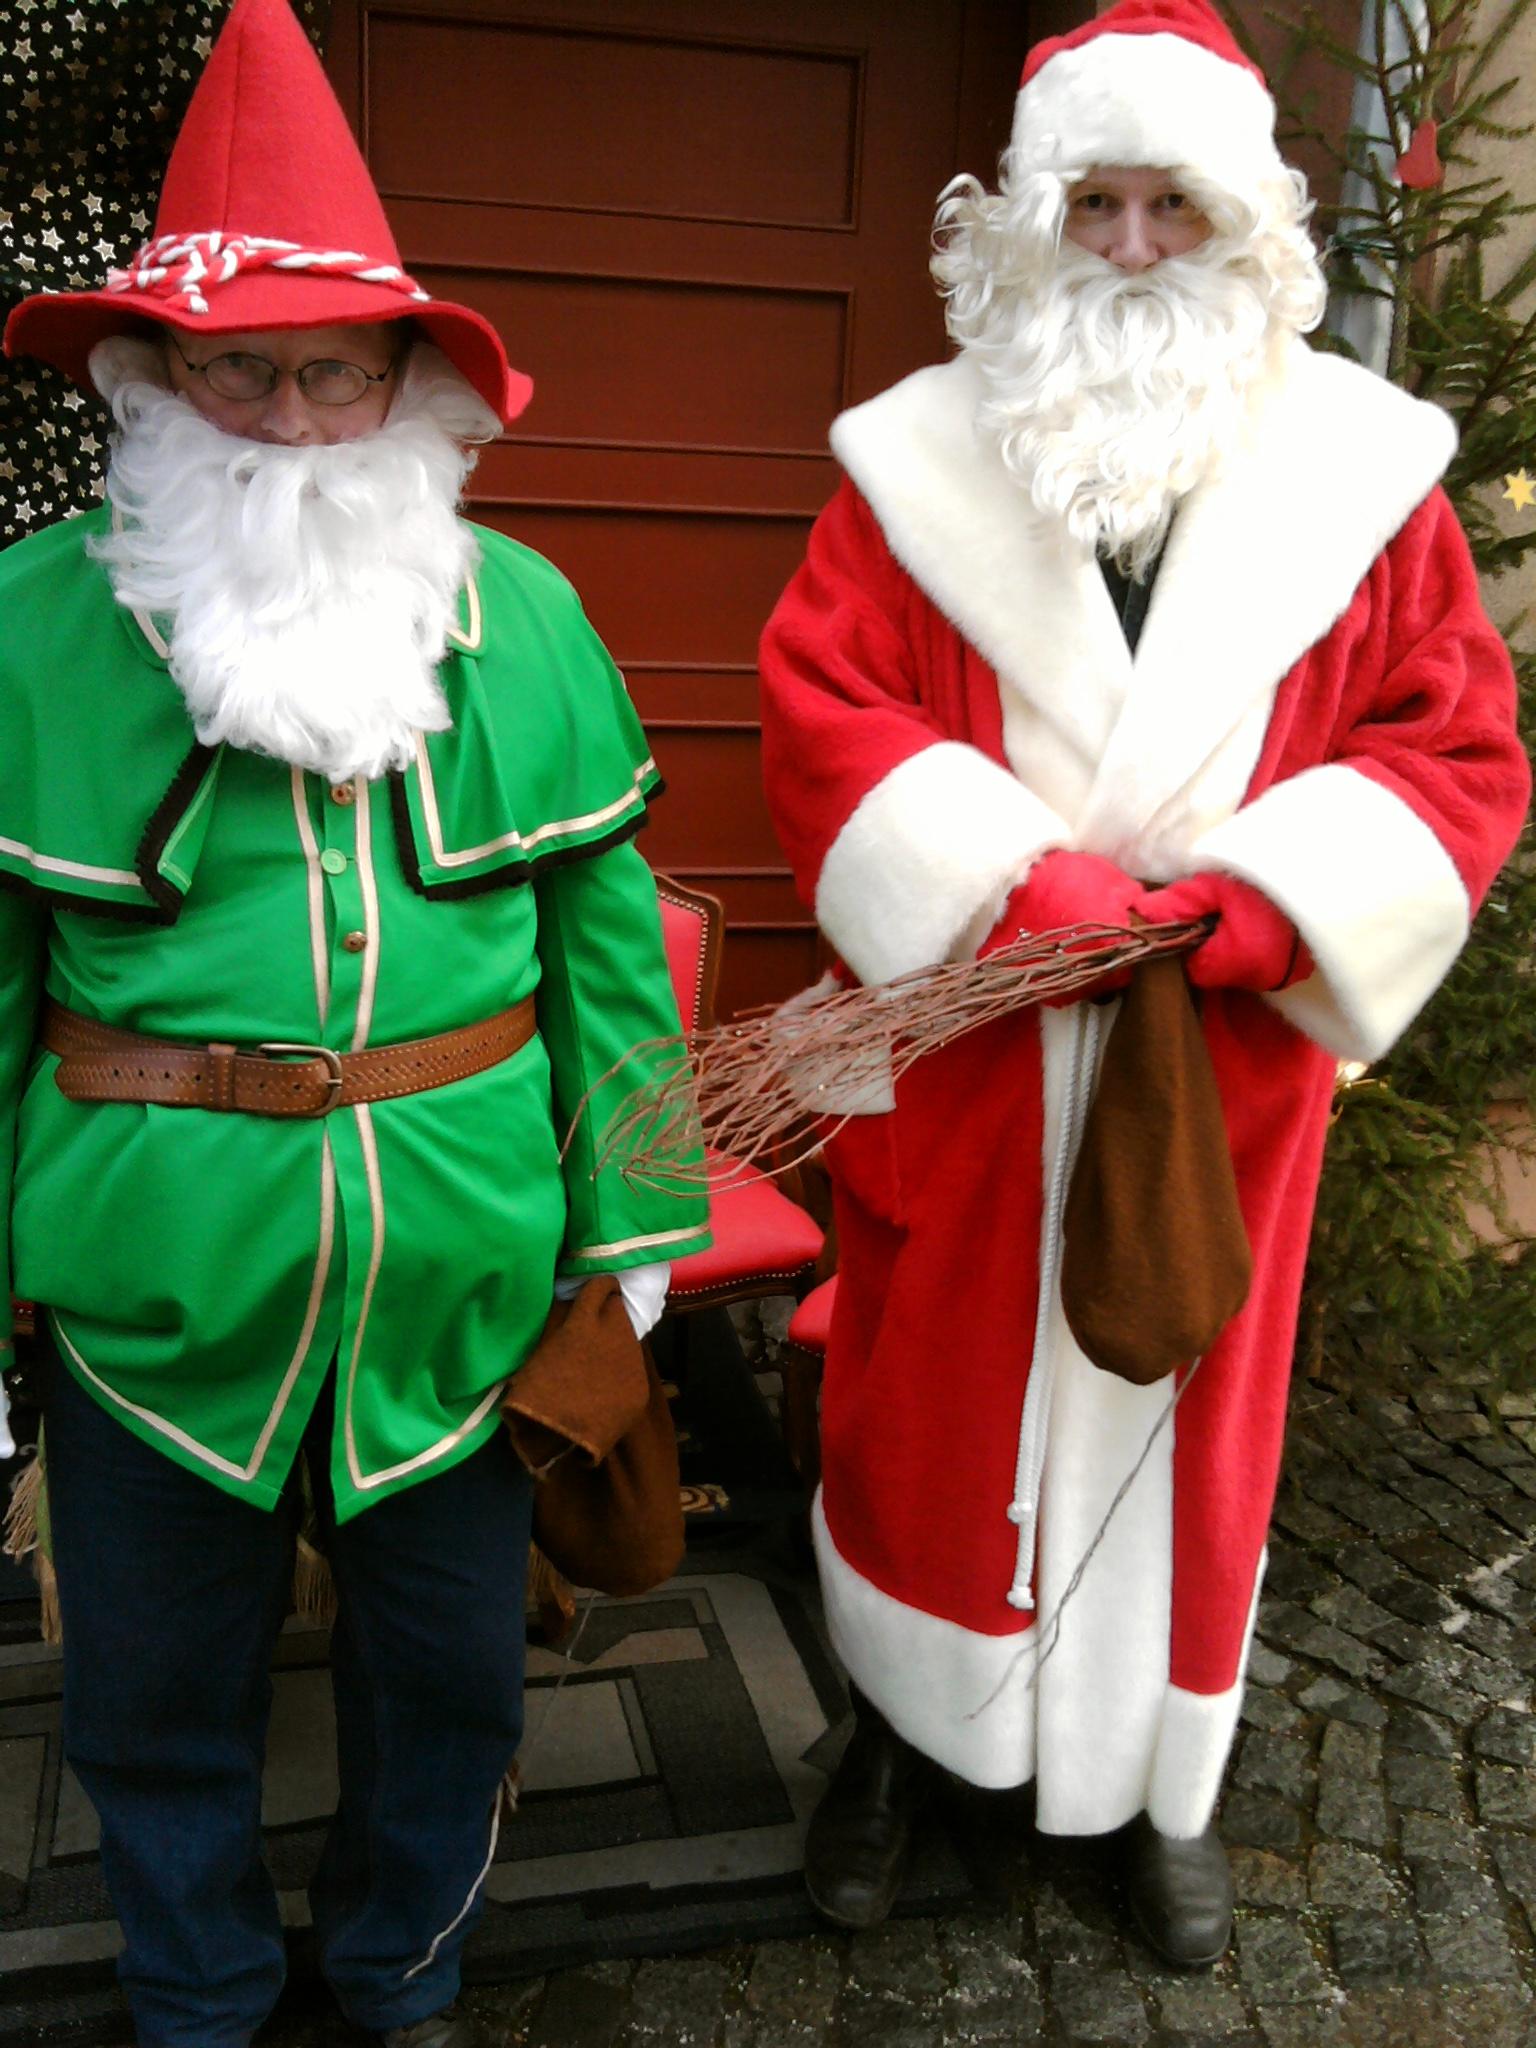 festmoden kost mverleih kristina beyer weihnachten engel weihnachtsm nner wichtel. Black Bedroom Furniture Sets. Home Design Ideas